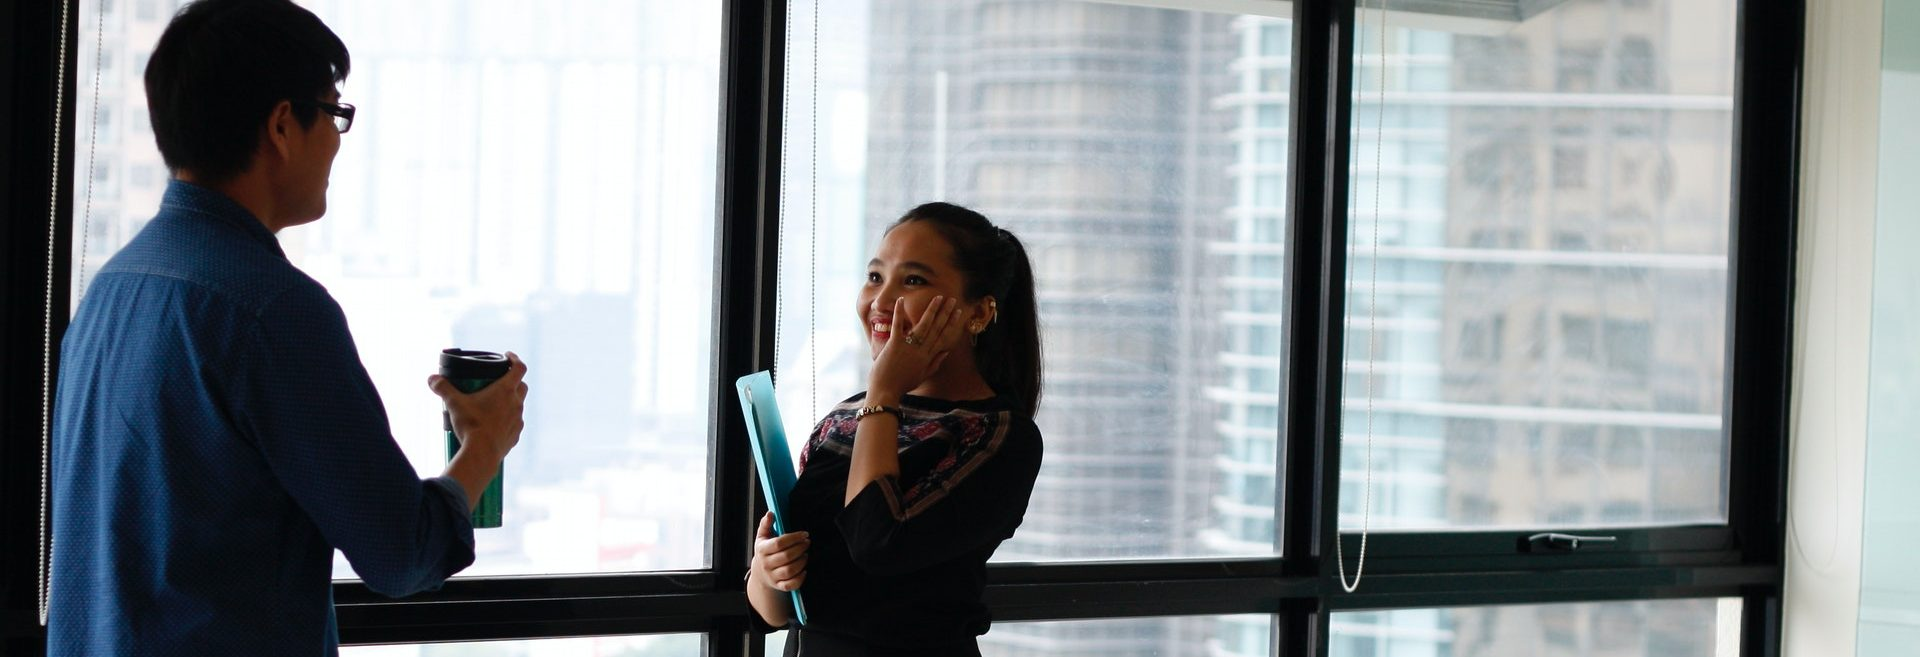 ga je een keer per jaar in gesprek of doe je een toekomstgesprek? Beoordelingsgesprek, management advies, FastForward